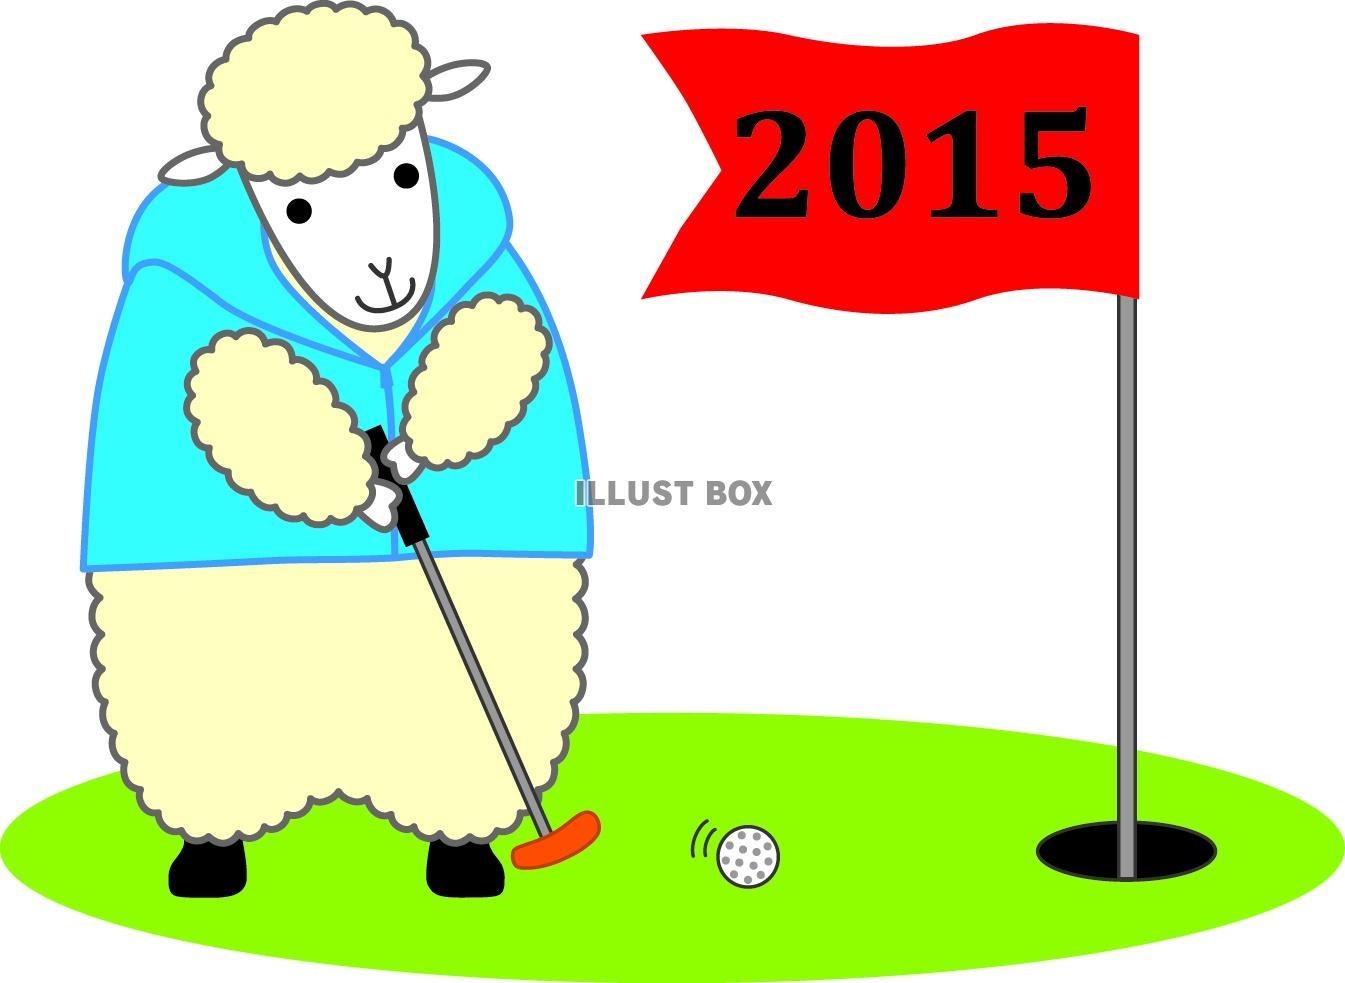 サンプル画像は線がギザギザに ... : 2015年カレンダー無料ダウンロード : カレンダー